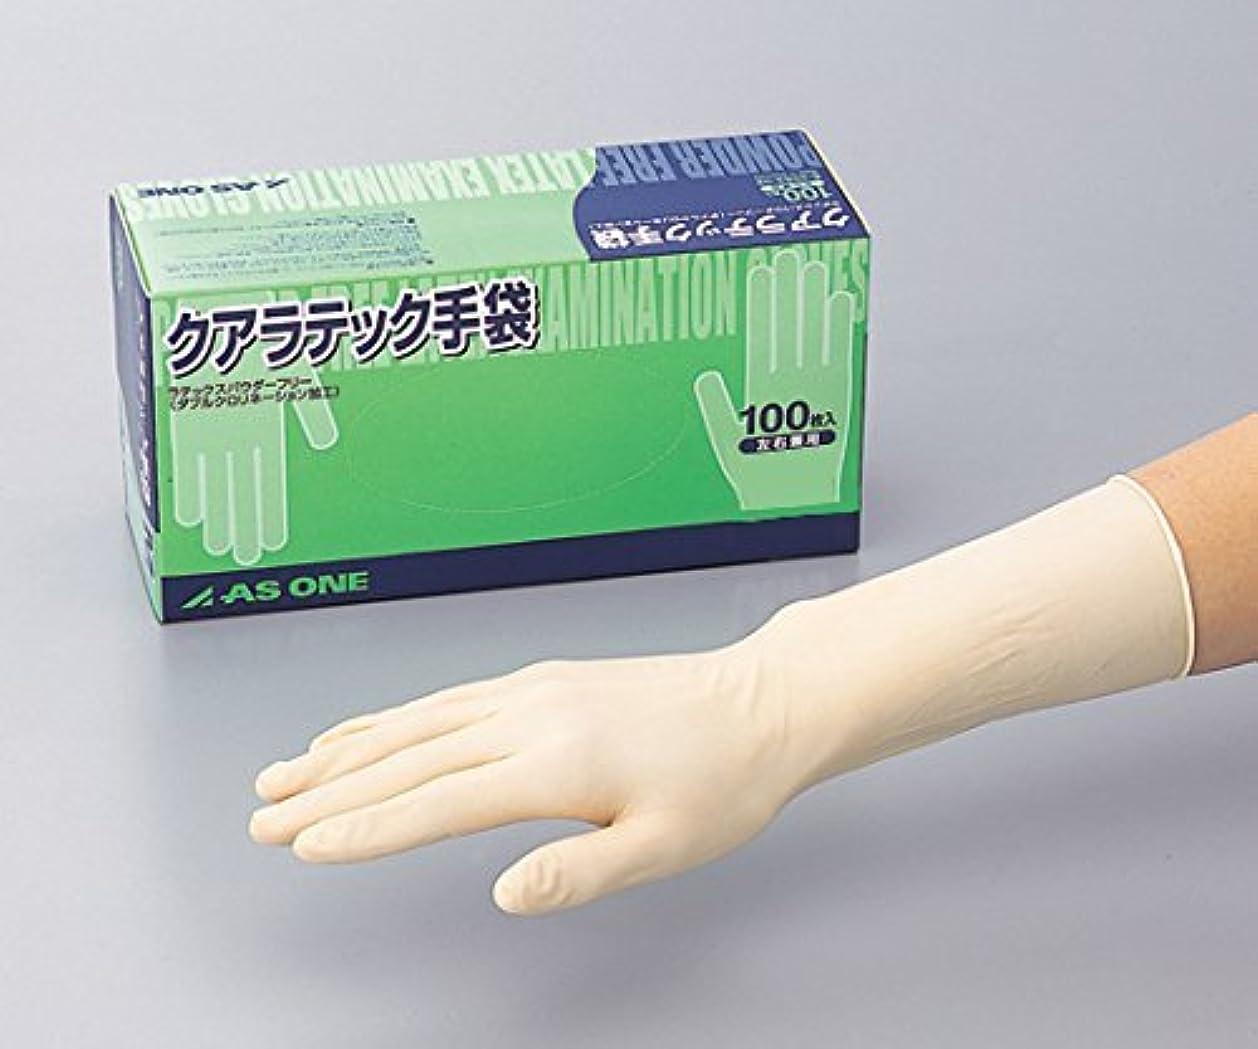 肌憎しみヒゲクジラアズワン8-4053-01クアラテック手袋(DXパウダーフリー)L1箱(100枚入)